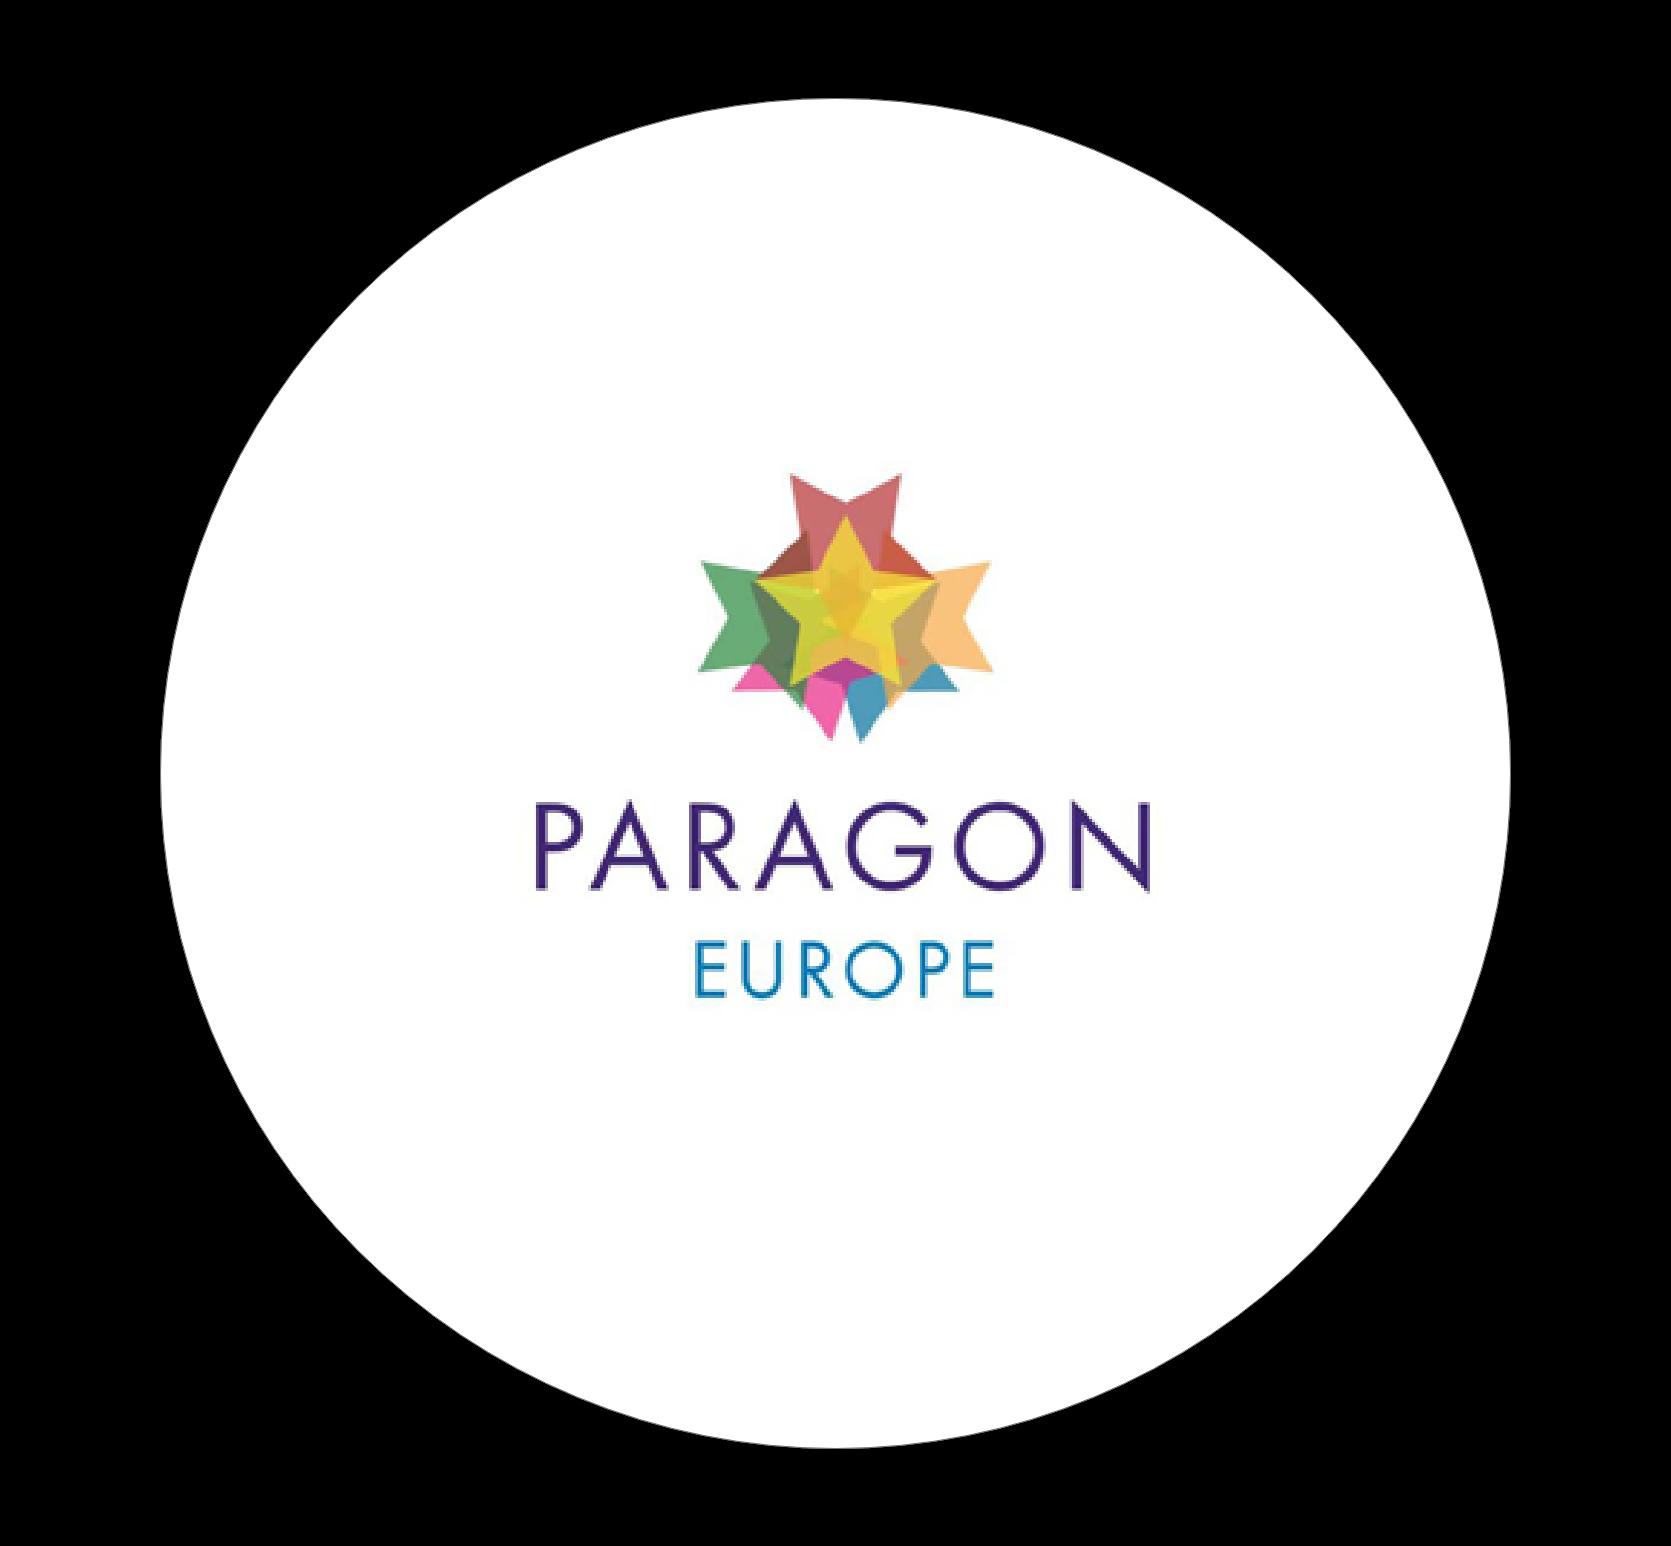 Paragon Europe